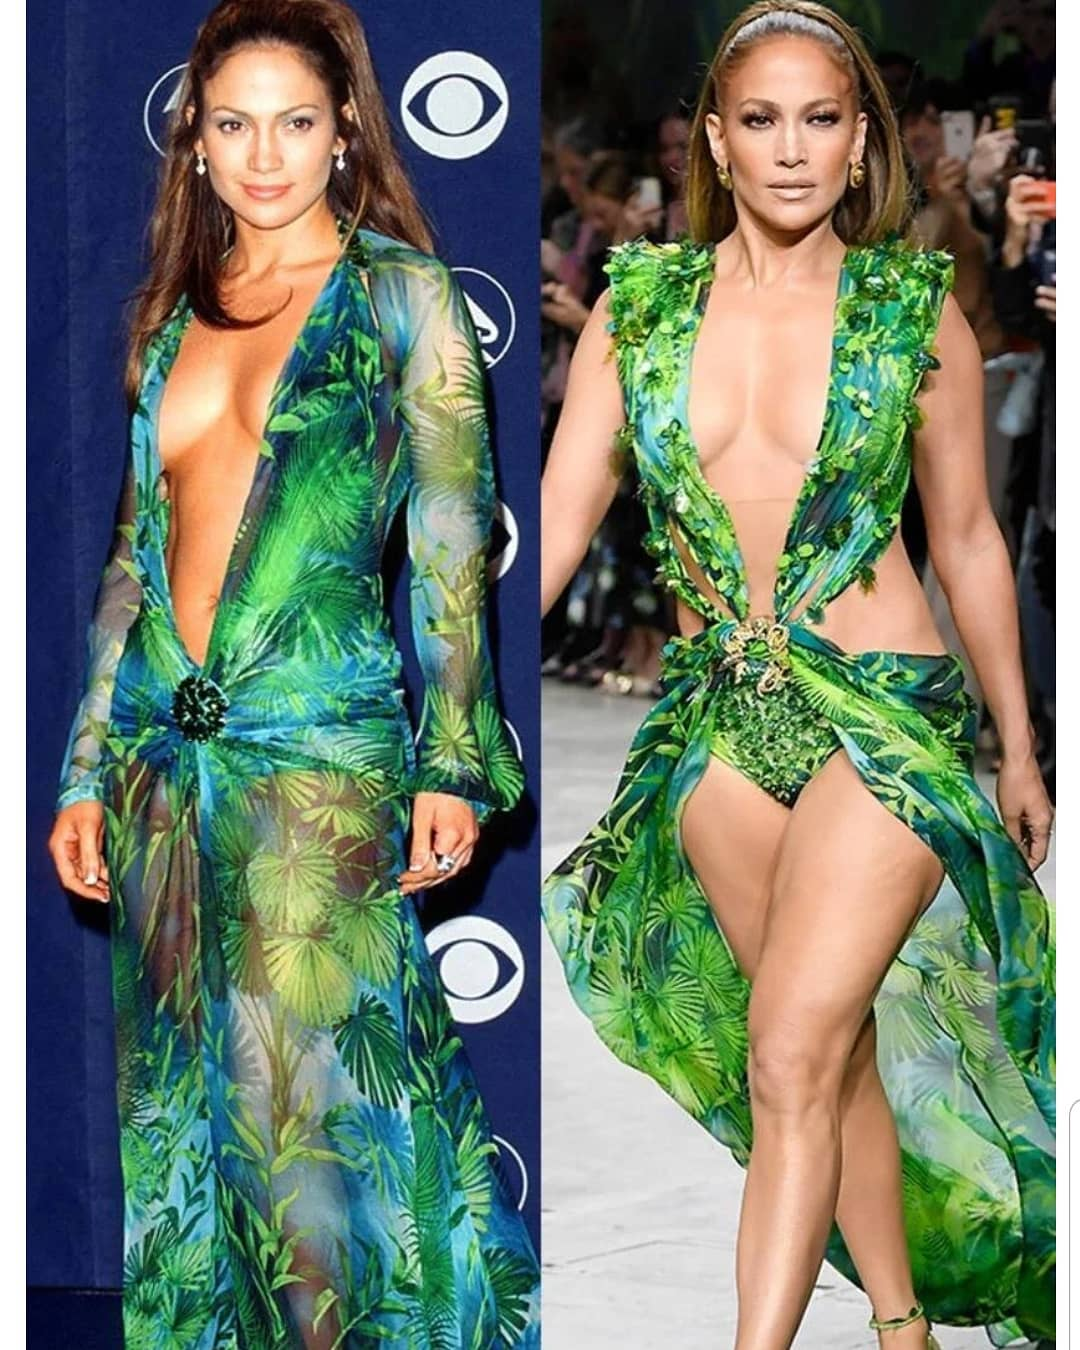 MUJERES: Cu l versi n les gust m s del traje Versace de #JenniferLopez? El que us en el 2000 hace 19 a os (a sus 31) o el que us hoy en el Milan Fashion Week (a sus 50 a os) ?